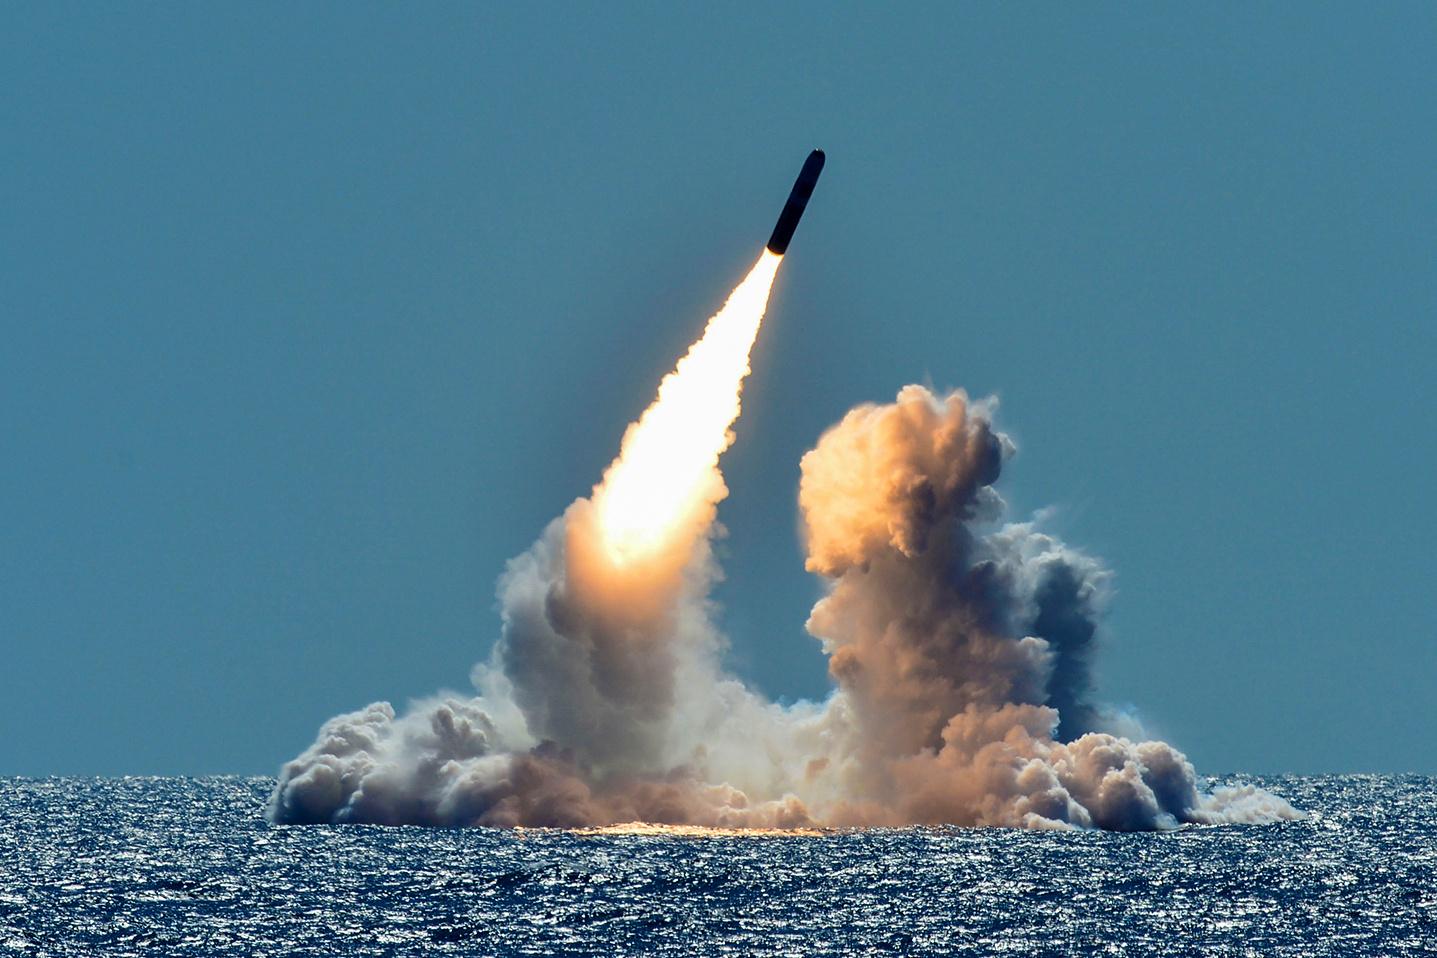 إطلاق صاروخ Trident من غواصة استراتيجية أمريكية